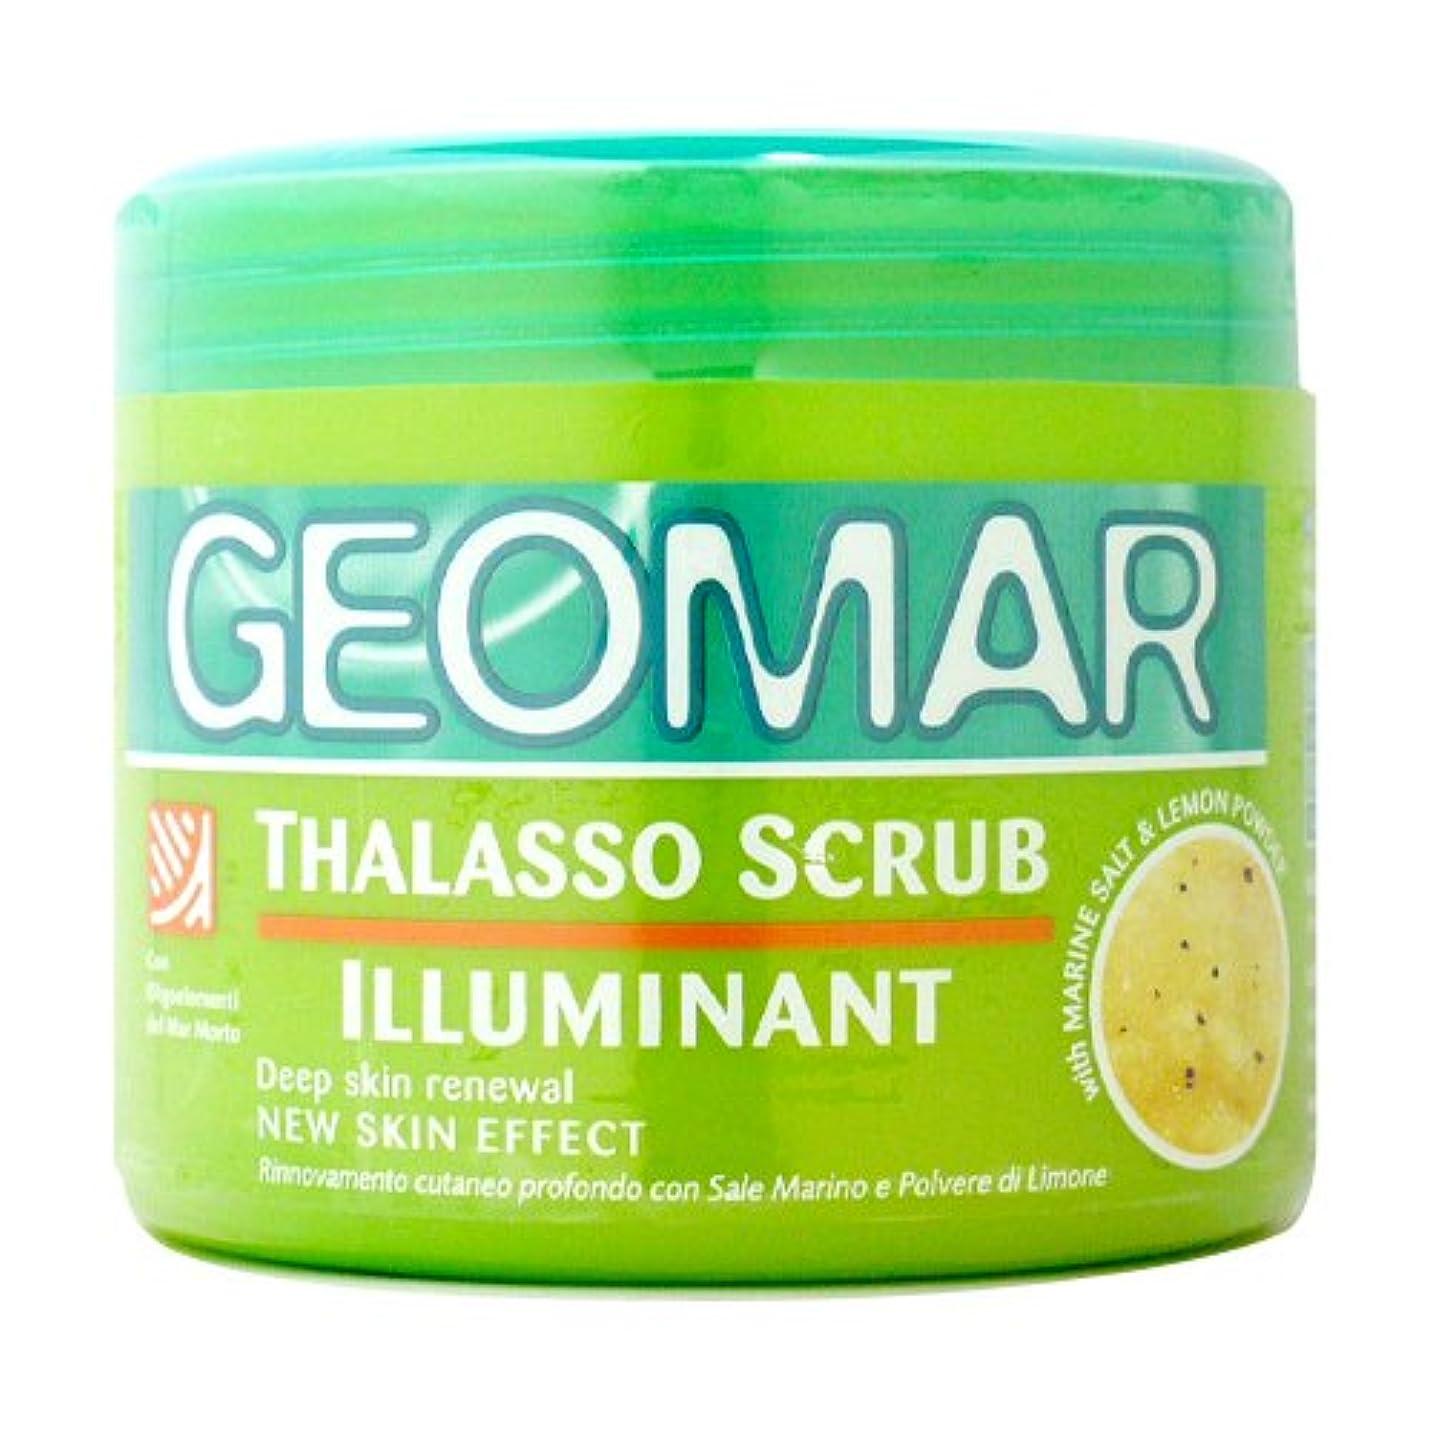 実り多い石化するリフトジェオマール タラソスクラブ イルミナント (ブライトレモン) 600g